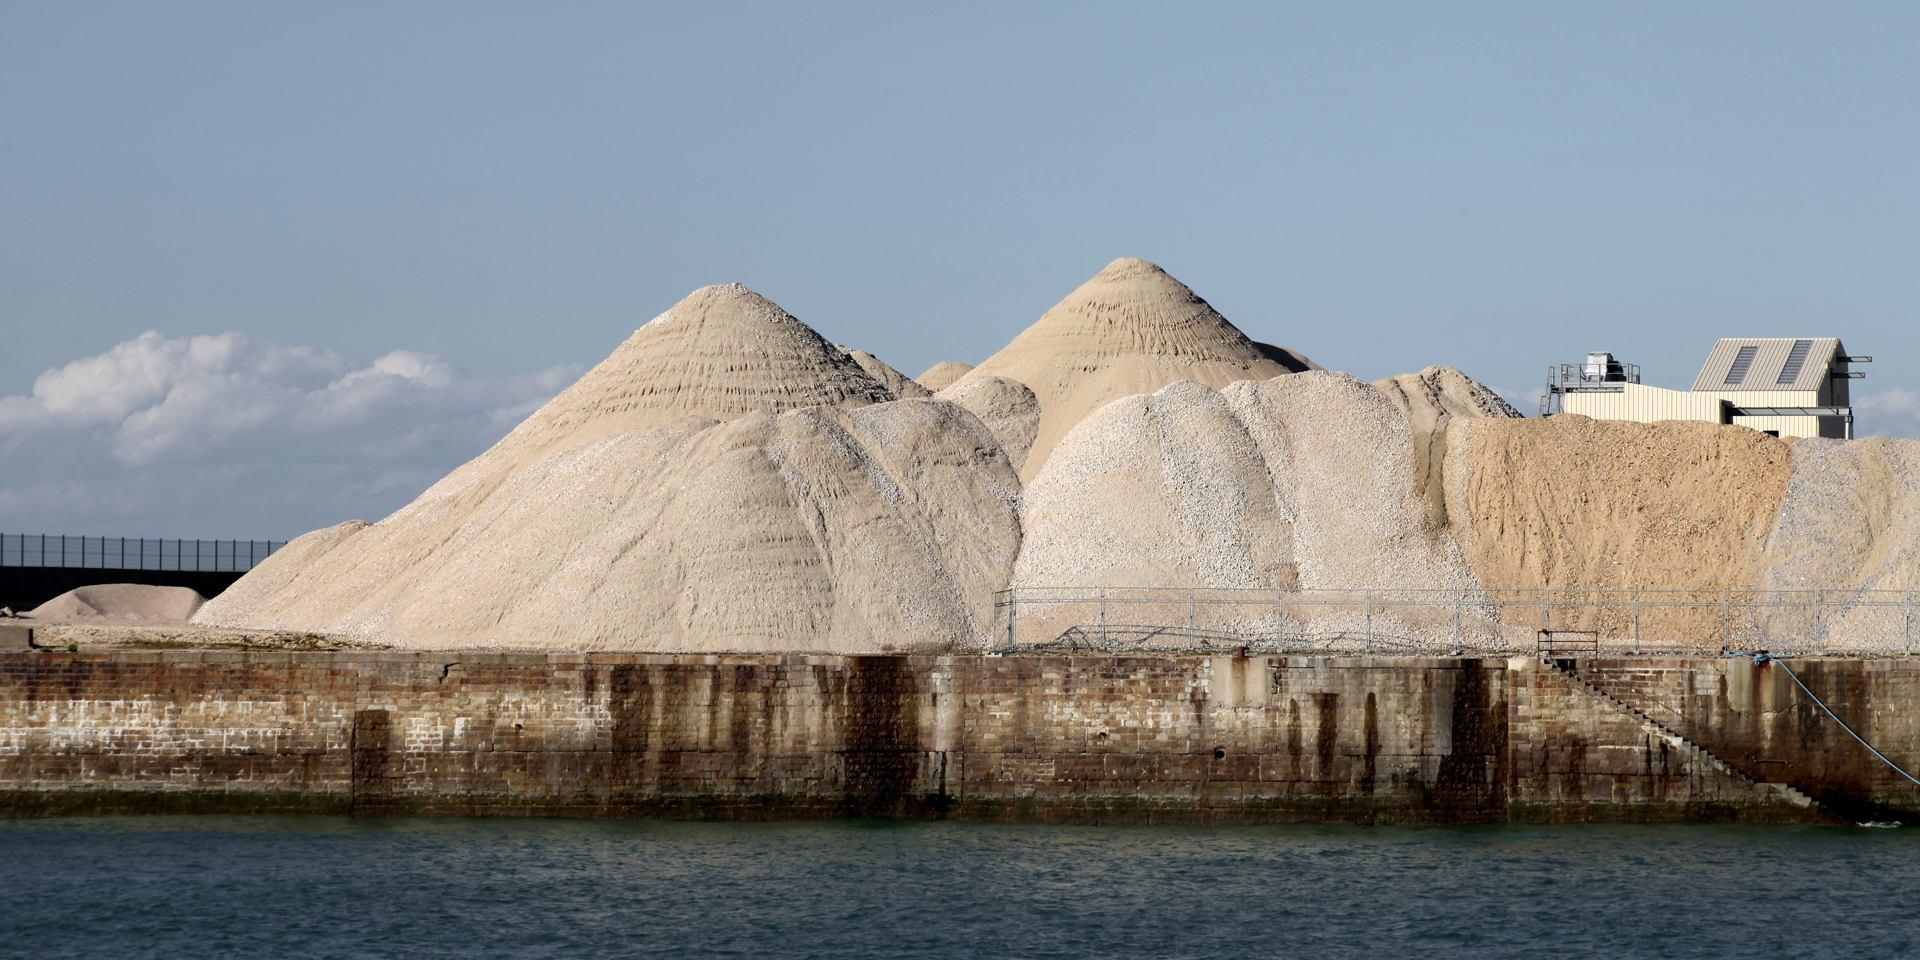 chateau de sable de géant